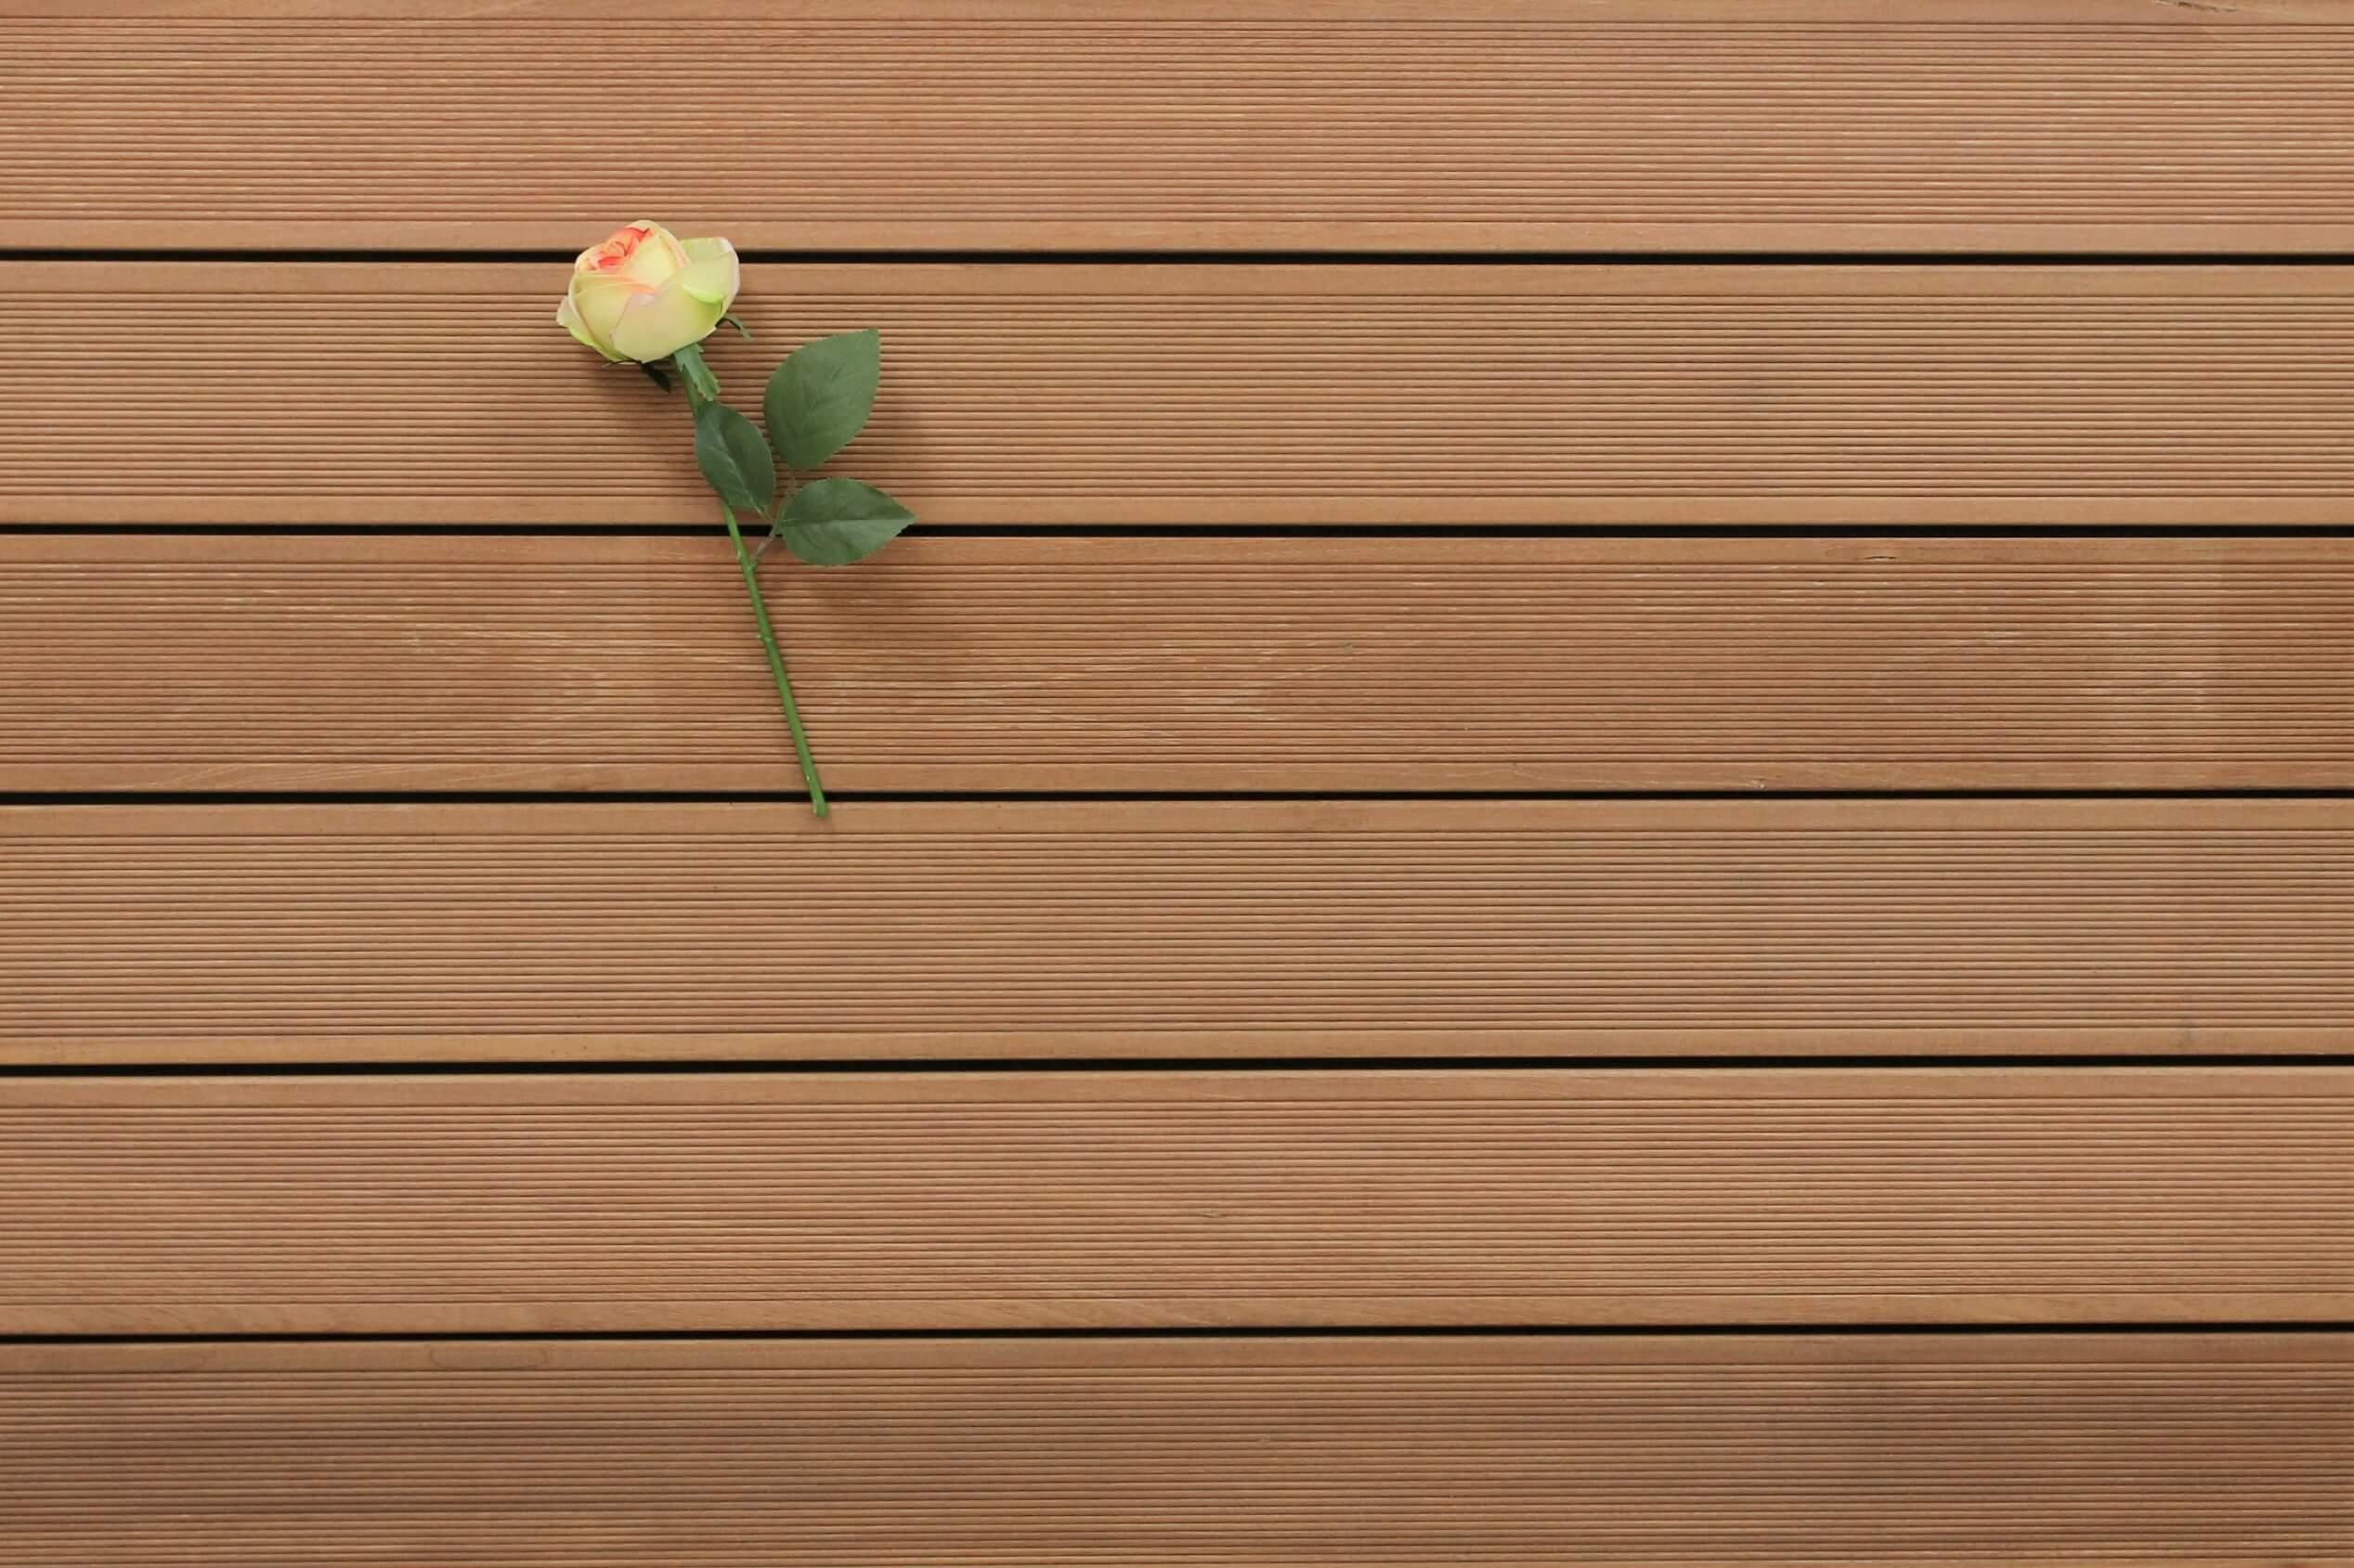 Holzterrasse Bangkirai, 25 x 145 bis 4880 mm, fein gerillt, 10,50 €/lfm, Premium (KD)